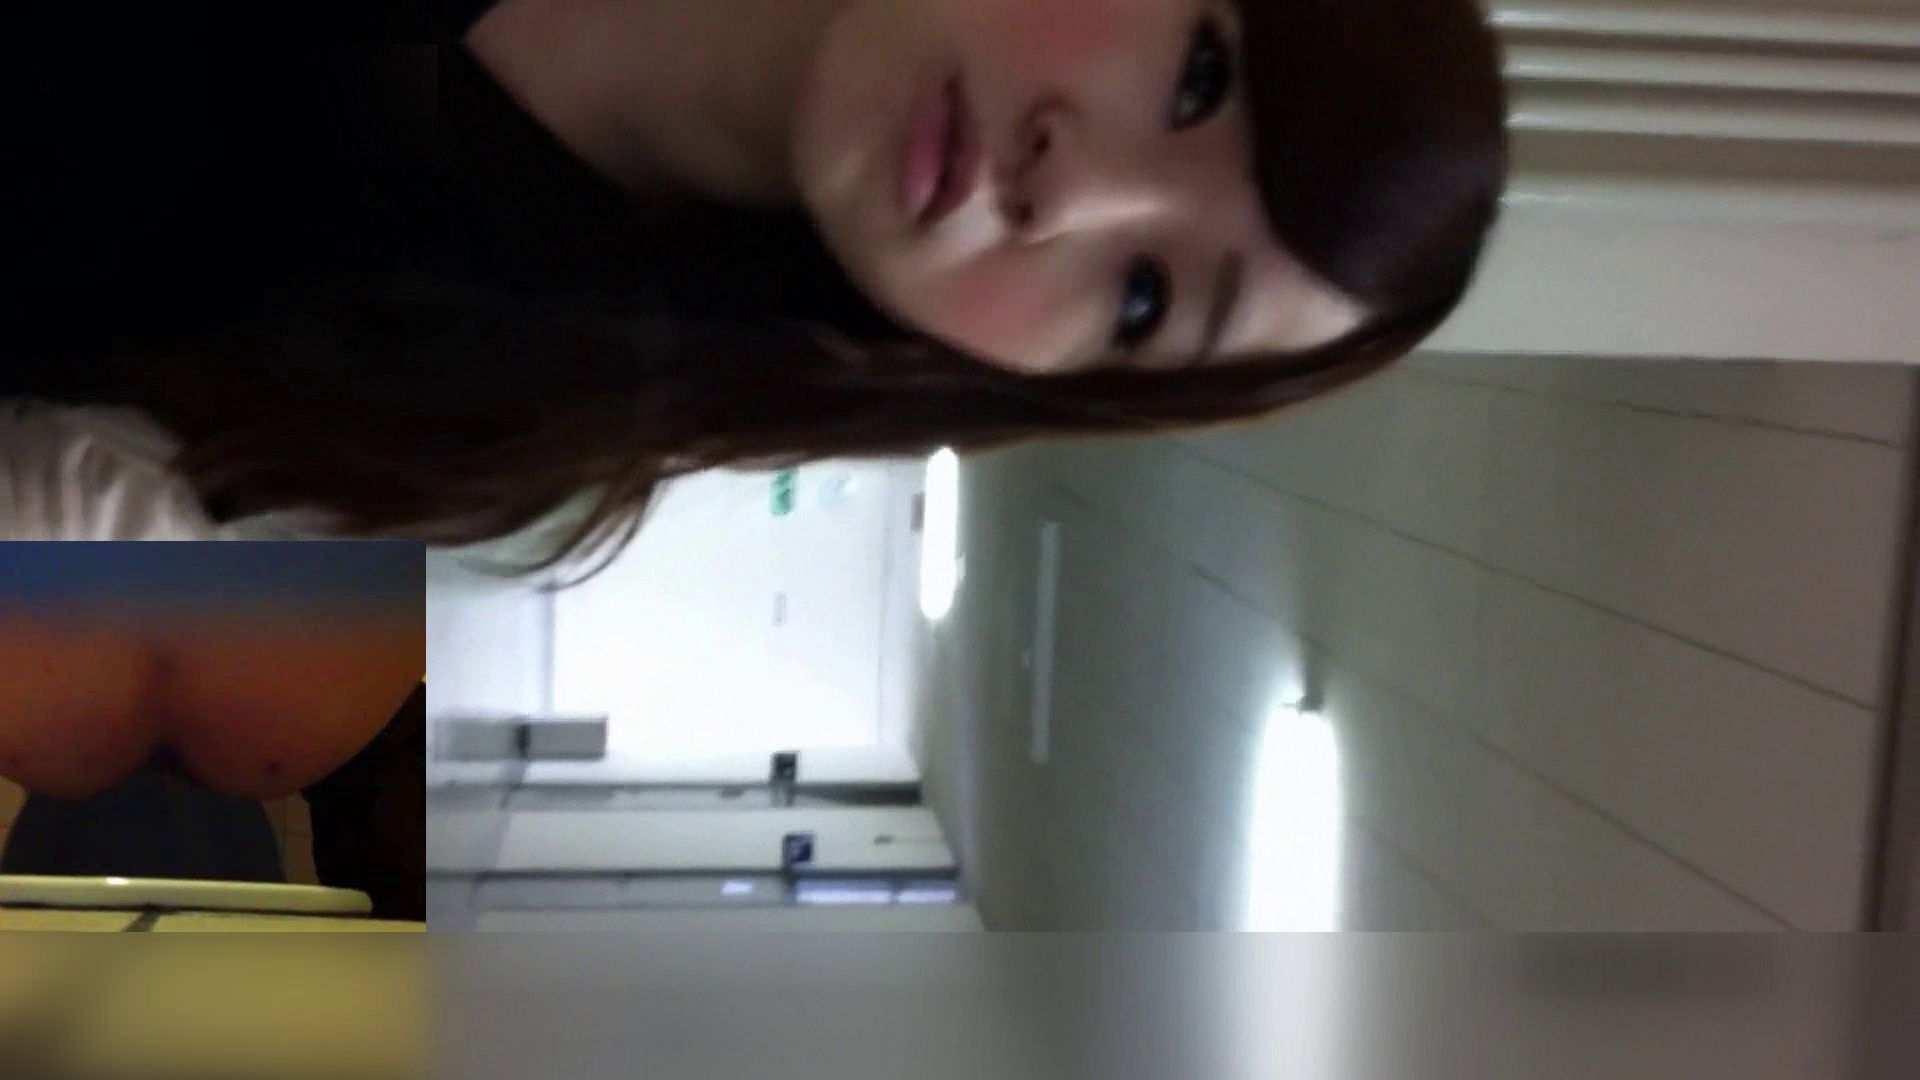 お姉さんの恥便所盗撮! Vol.24 美女エロ画像 オメコ無修正動画無料 97PICs 88